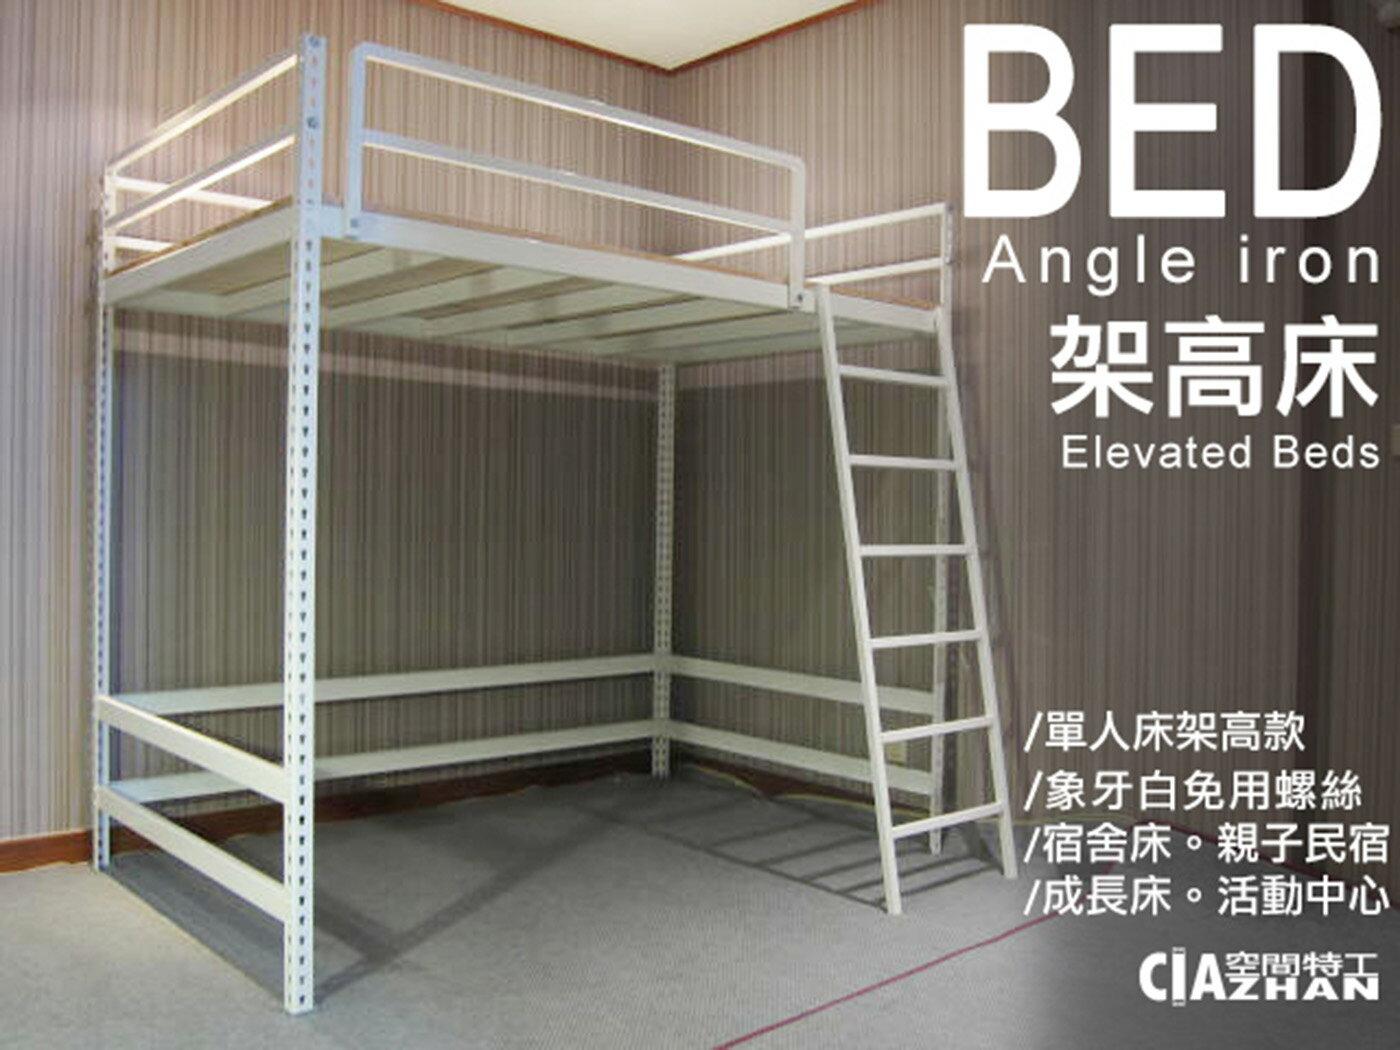 象牙白角鋼床架♞空間特工♞ 3尺架高單人床 床架/床台/床板 免螺絲角鋼床 0